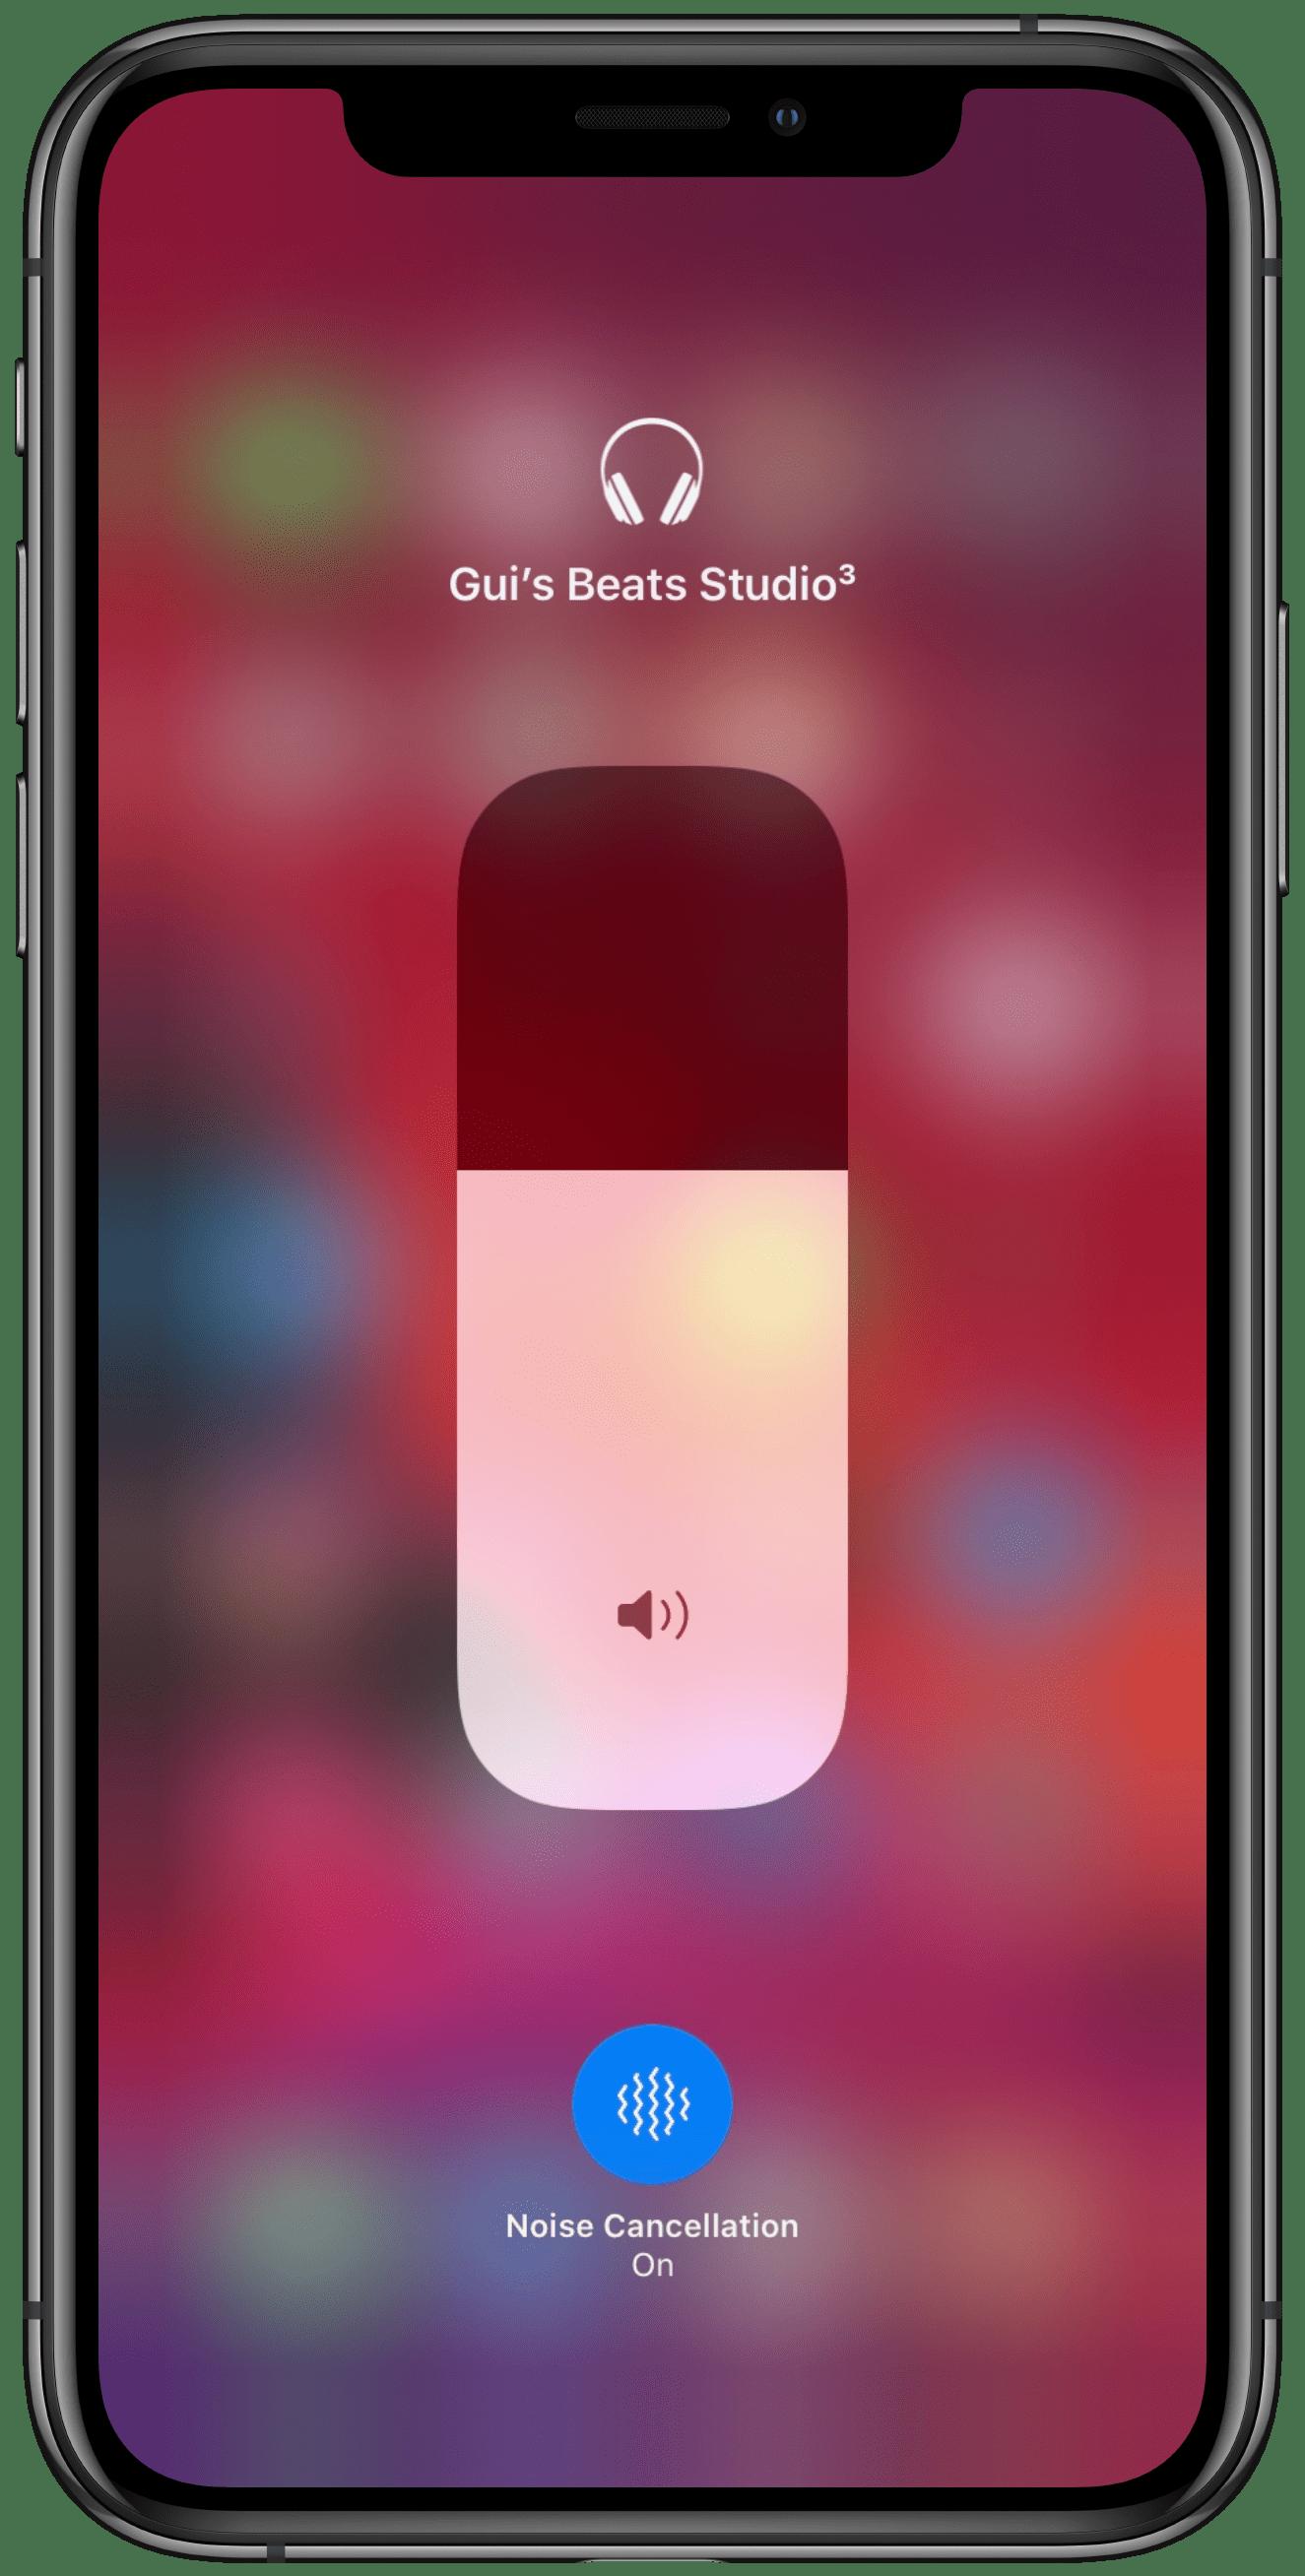 Cancelamento de ruído no iOS 13